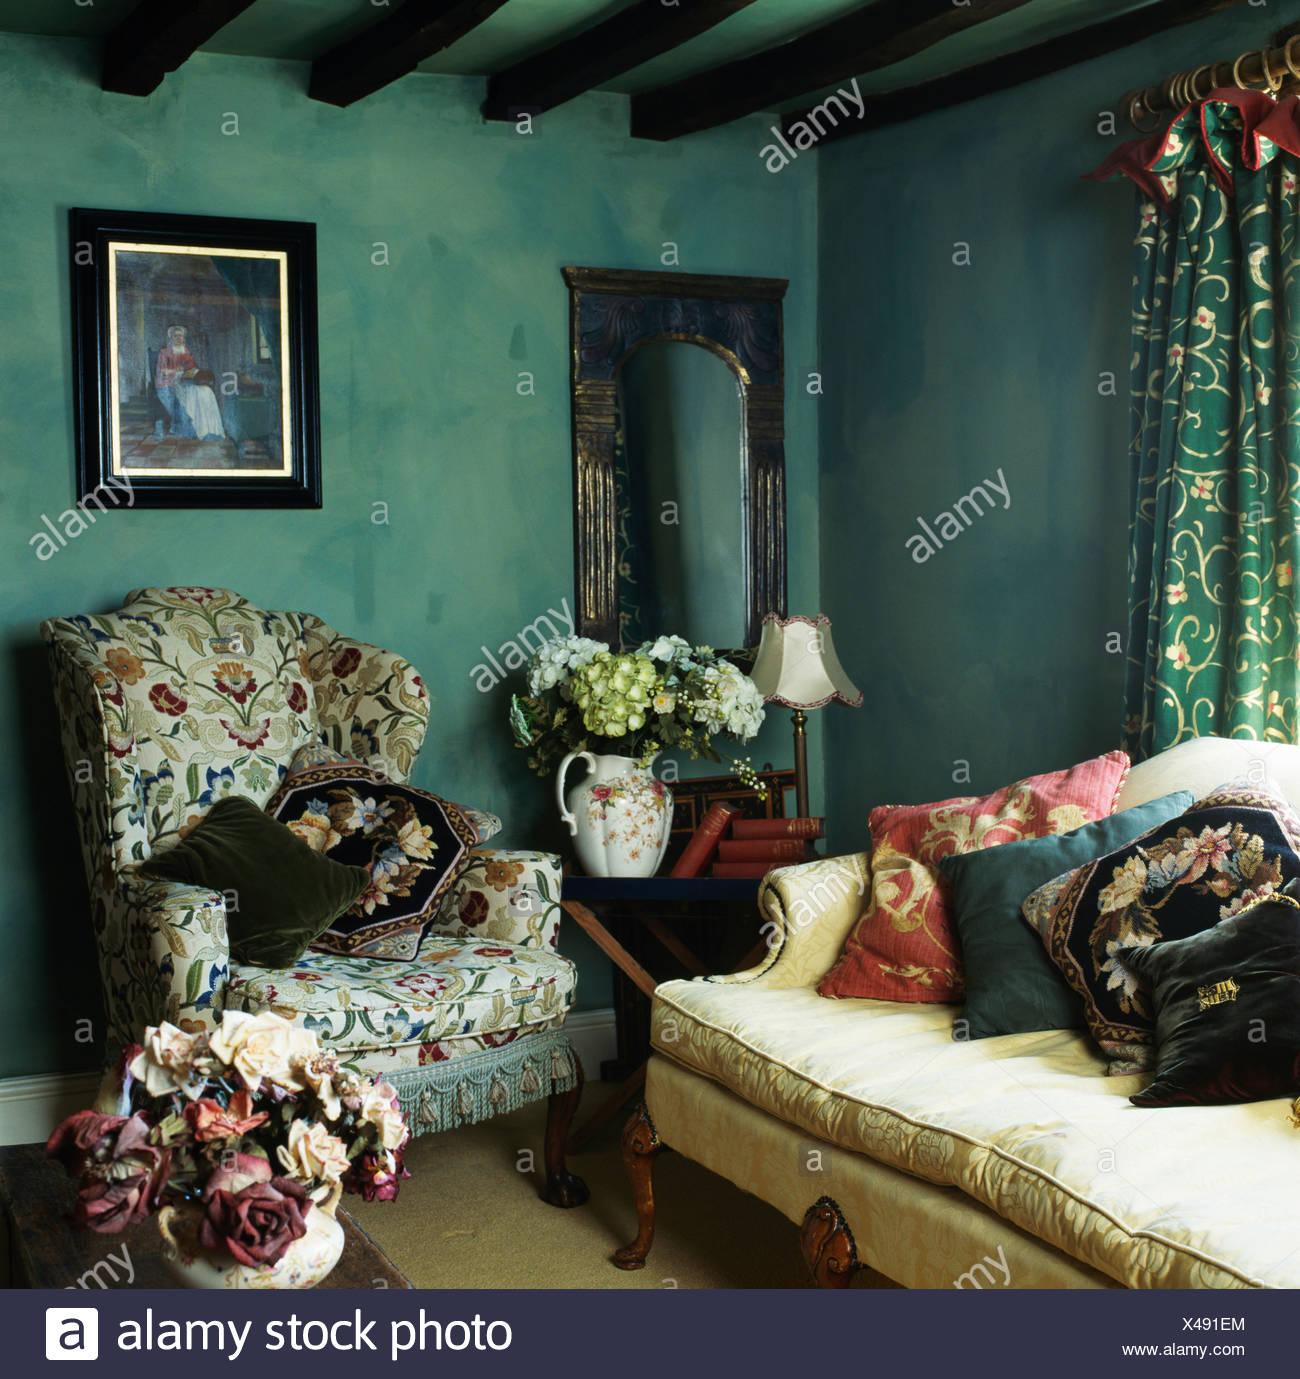 Il verde è tra i colori per le pareti del soggiorno più amati dagli interior designer nell'ultimo. Foto Sulla Parete Sopra L Ala Modellato Sedia In Verde Scuro Cottage Soggiorno Con Ad Effetto Spugna Pareti Dipinte Foto Stock Alamy